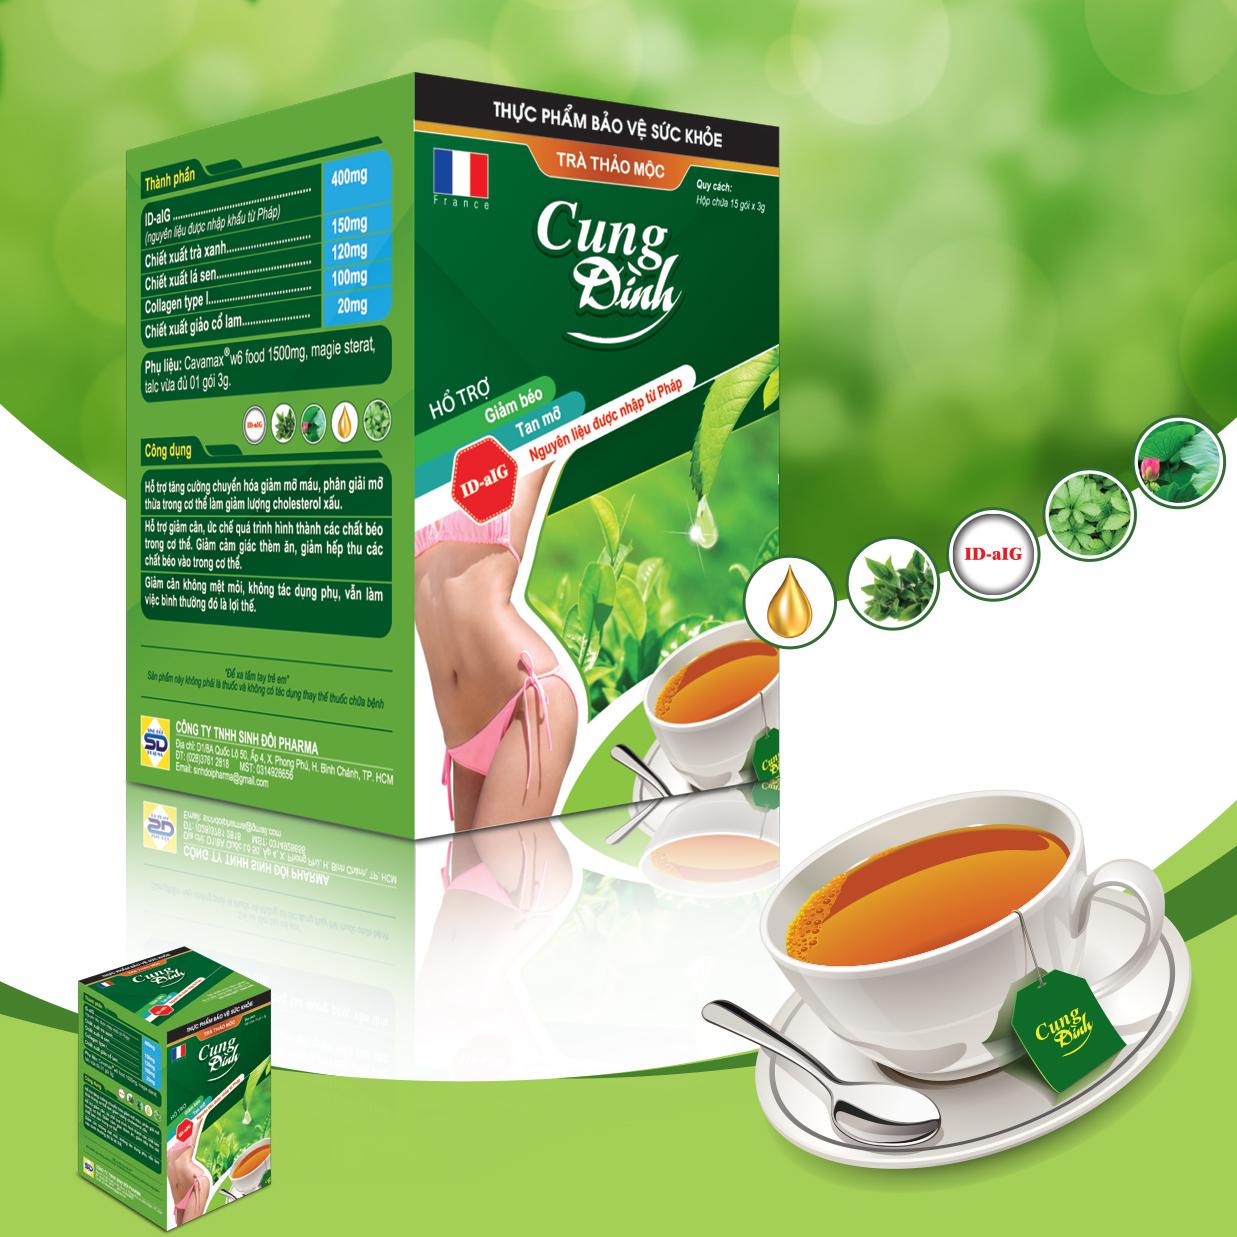 trà thảo mộc giảm cân cung đình